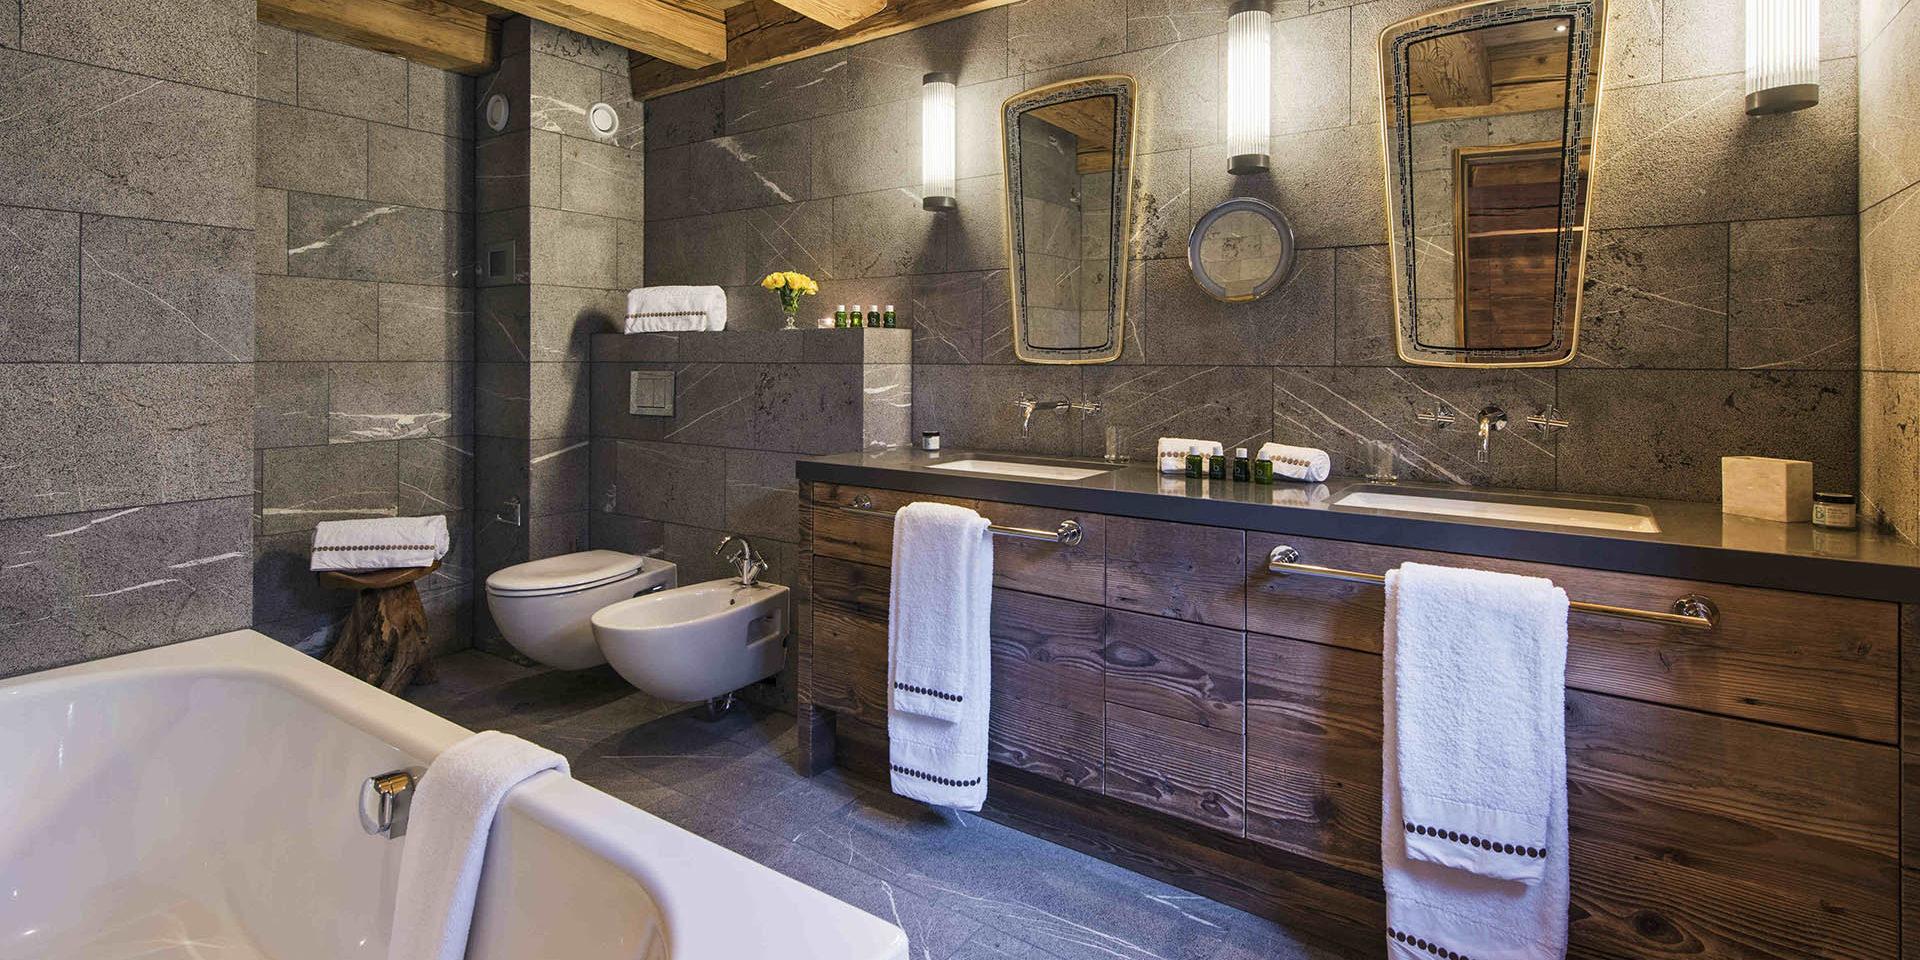 Appartement Place Blanche 2 Verbier Les 4 Vallees Zwitserland wintersport skivakantie luxe badkamer bad dubbele wasbak spiegels handdoeken toilet